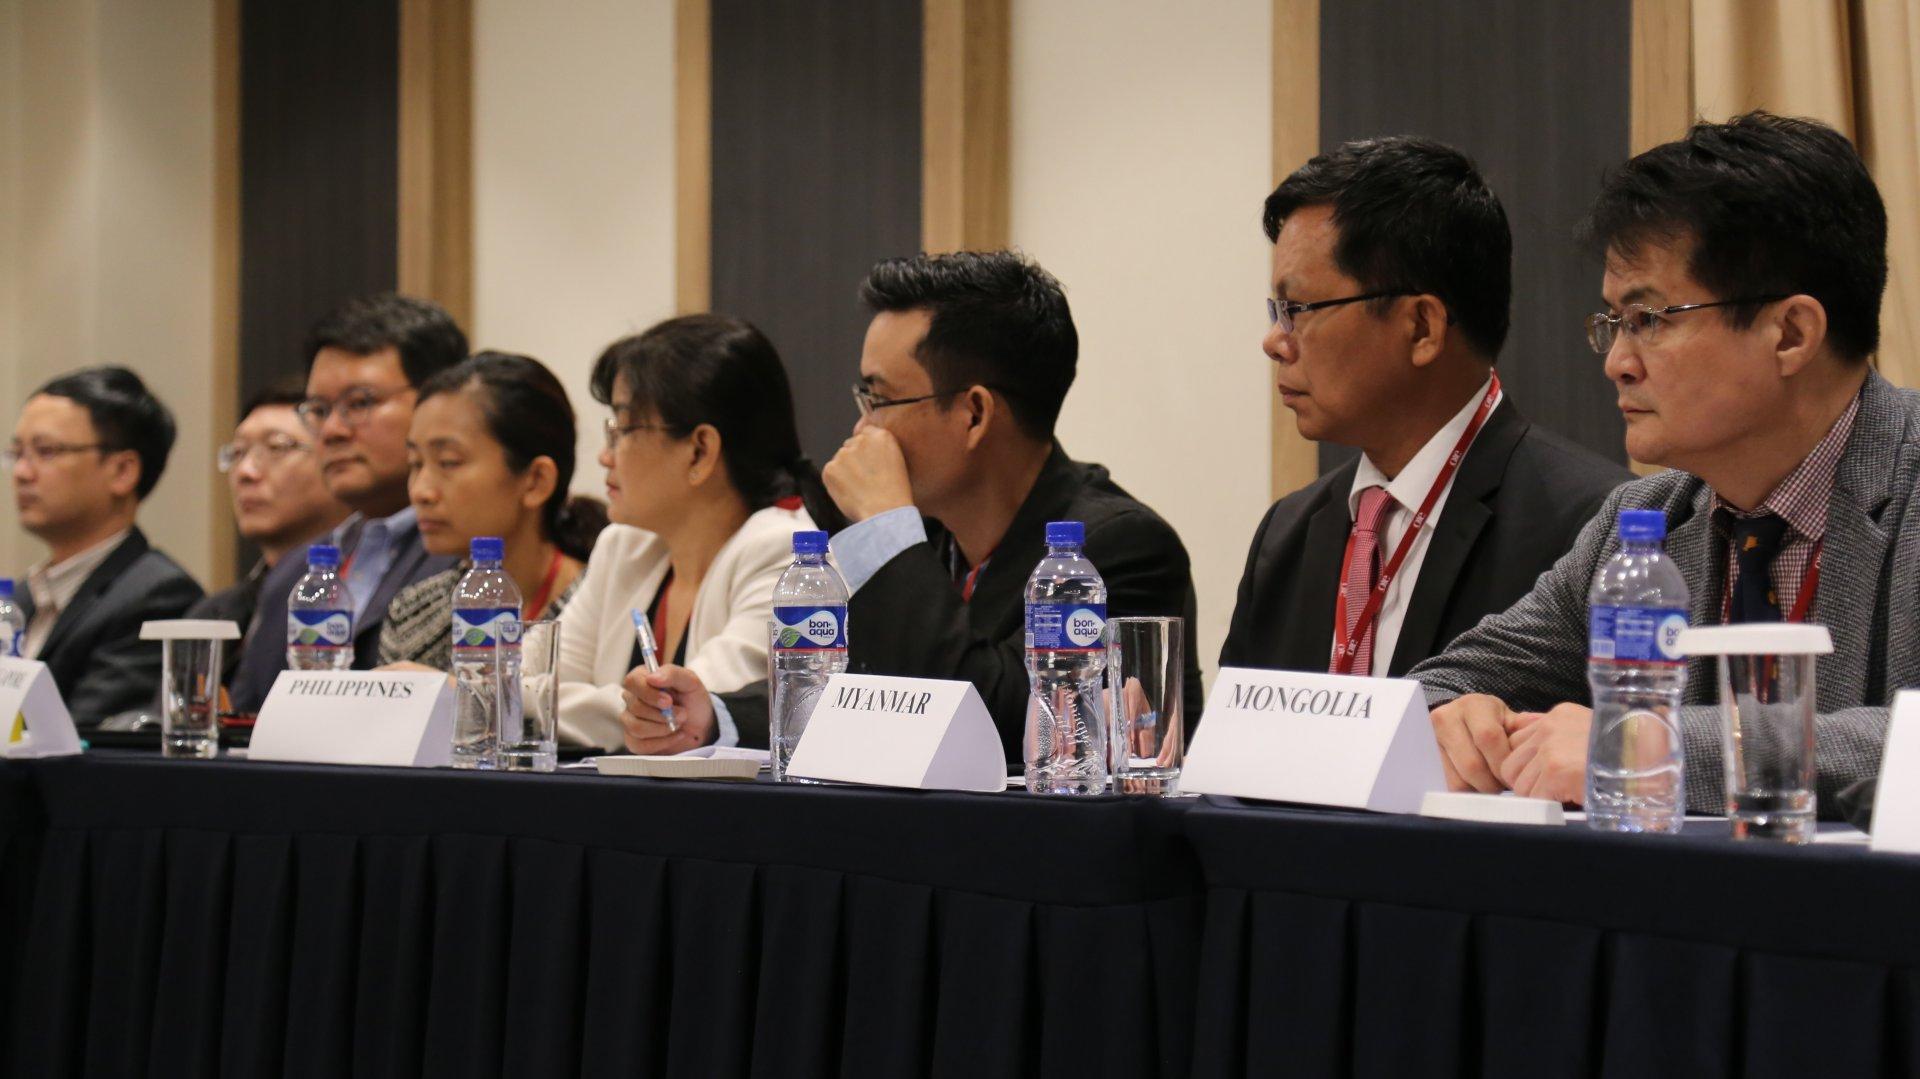 Зүүн өмнөд Азийн шүлхийн хяналт хөтөлбөрийн үндэсний зохицуулагч нарын XXII уулзалт амжилттай боллоо